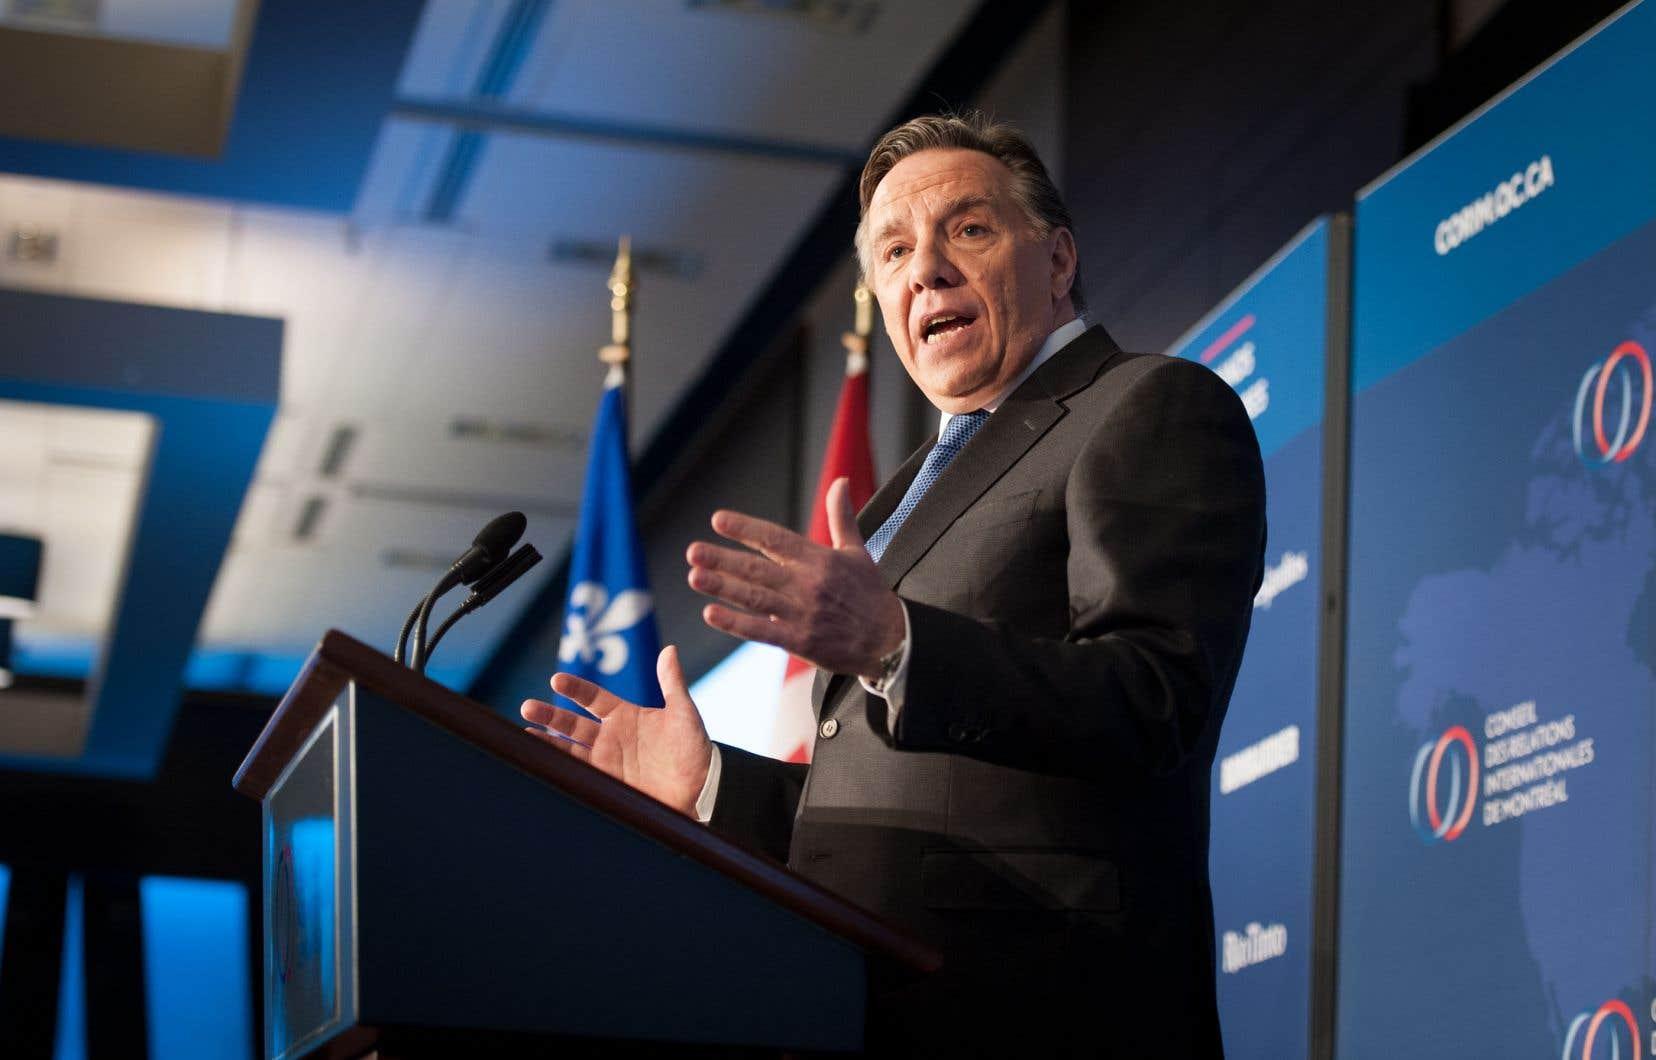 Le chef de la Coalition avenir Québec, François Legault, prenait la parole lundi lors d'un déjeuner-causerie organisé par le Conseil des relations internationales de Montréal.